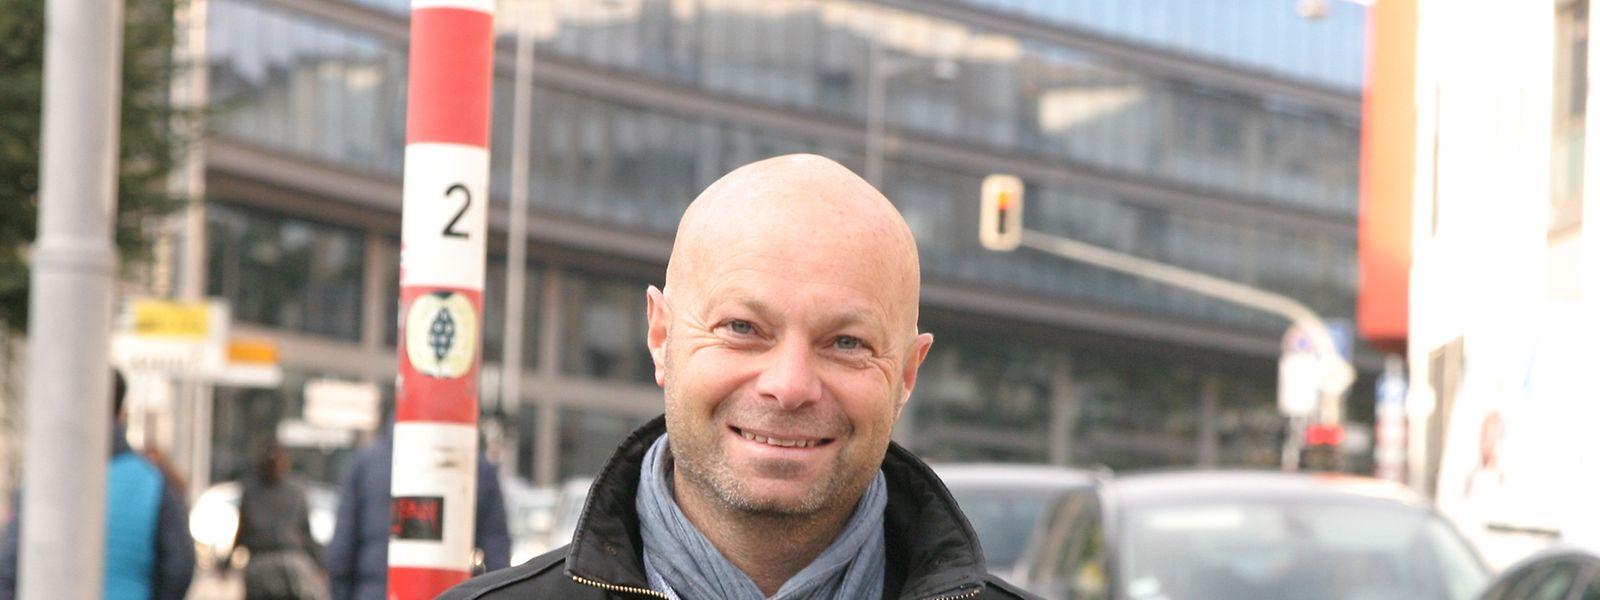 Olivier Razemon: «Les employeurs sont très contents -en tout cas quand ils réfléchissent sur le sujet- parce que les salariés à vélo ont une plus grande fraîcheur quand ils arrivent le matin».